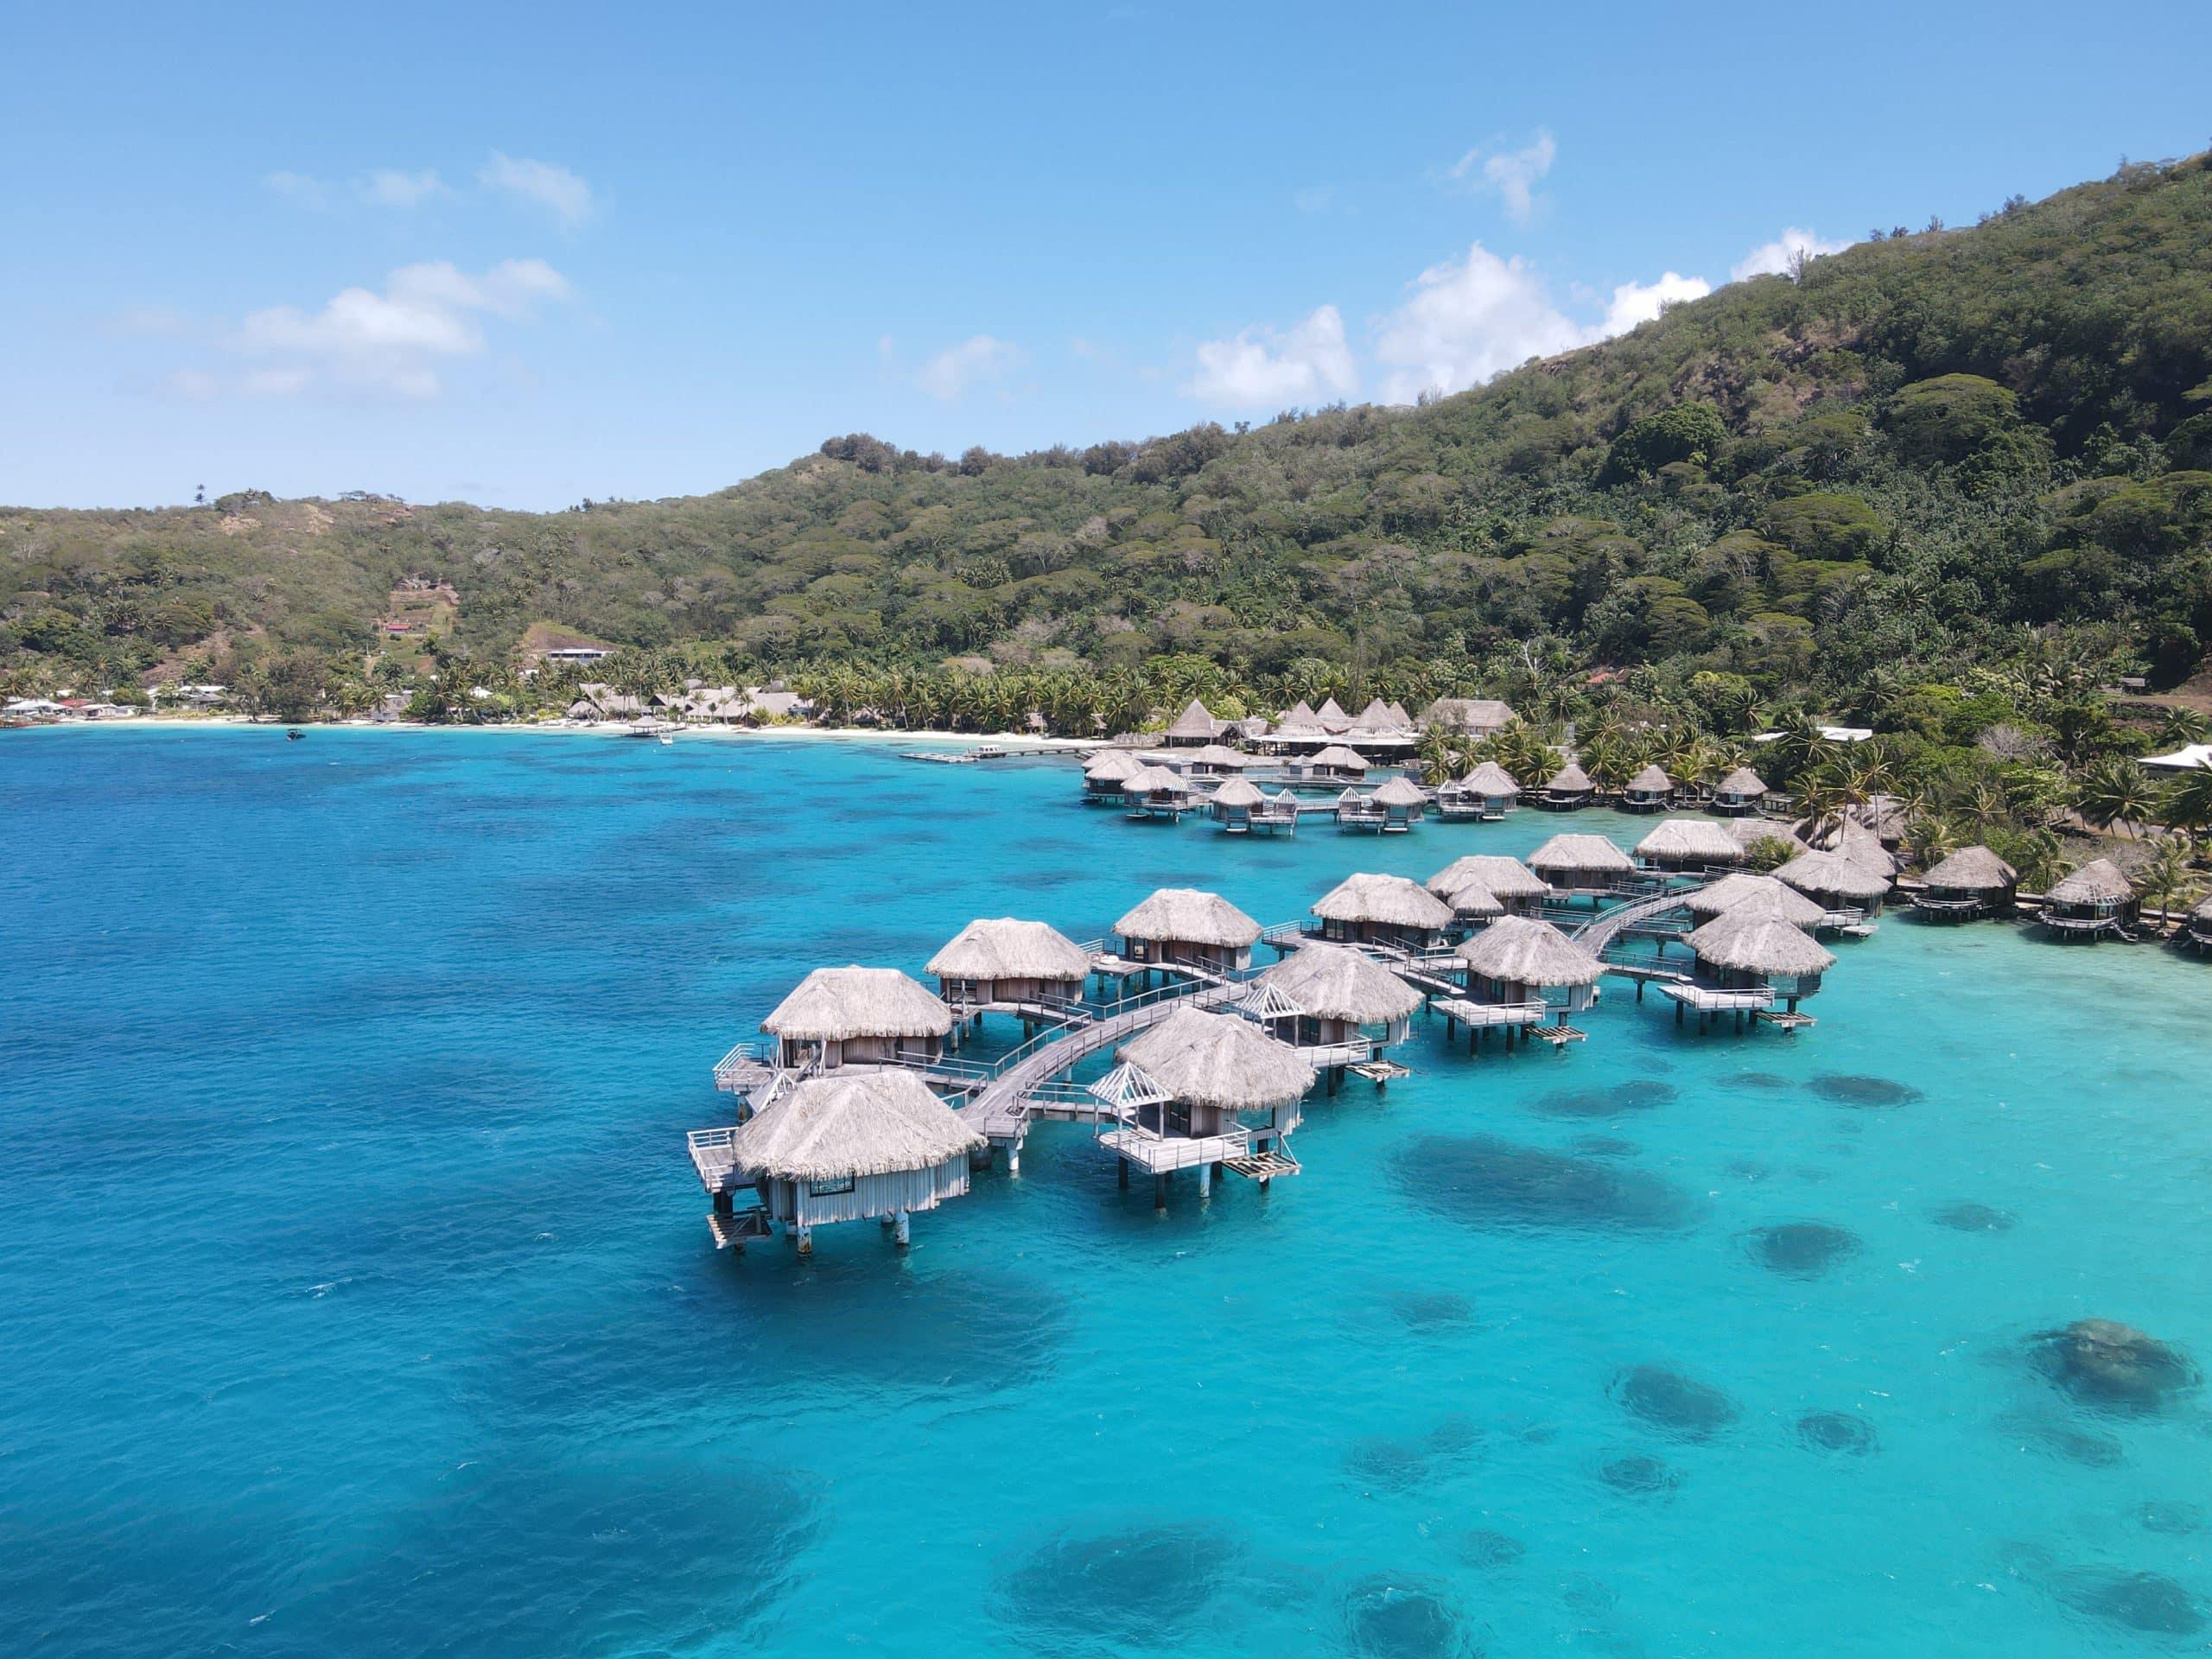 Quand est-il préférable d'aller à Bora Bora?